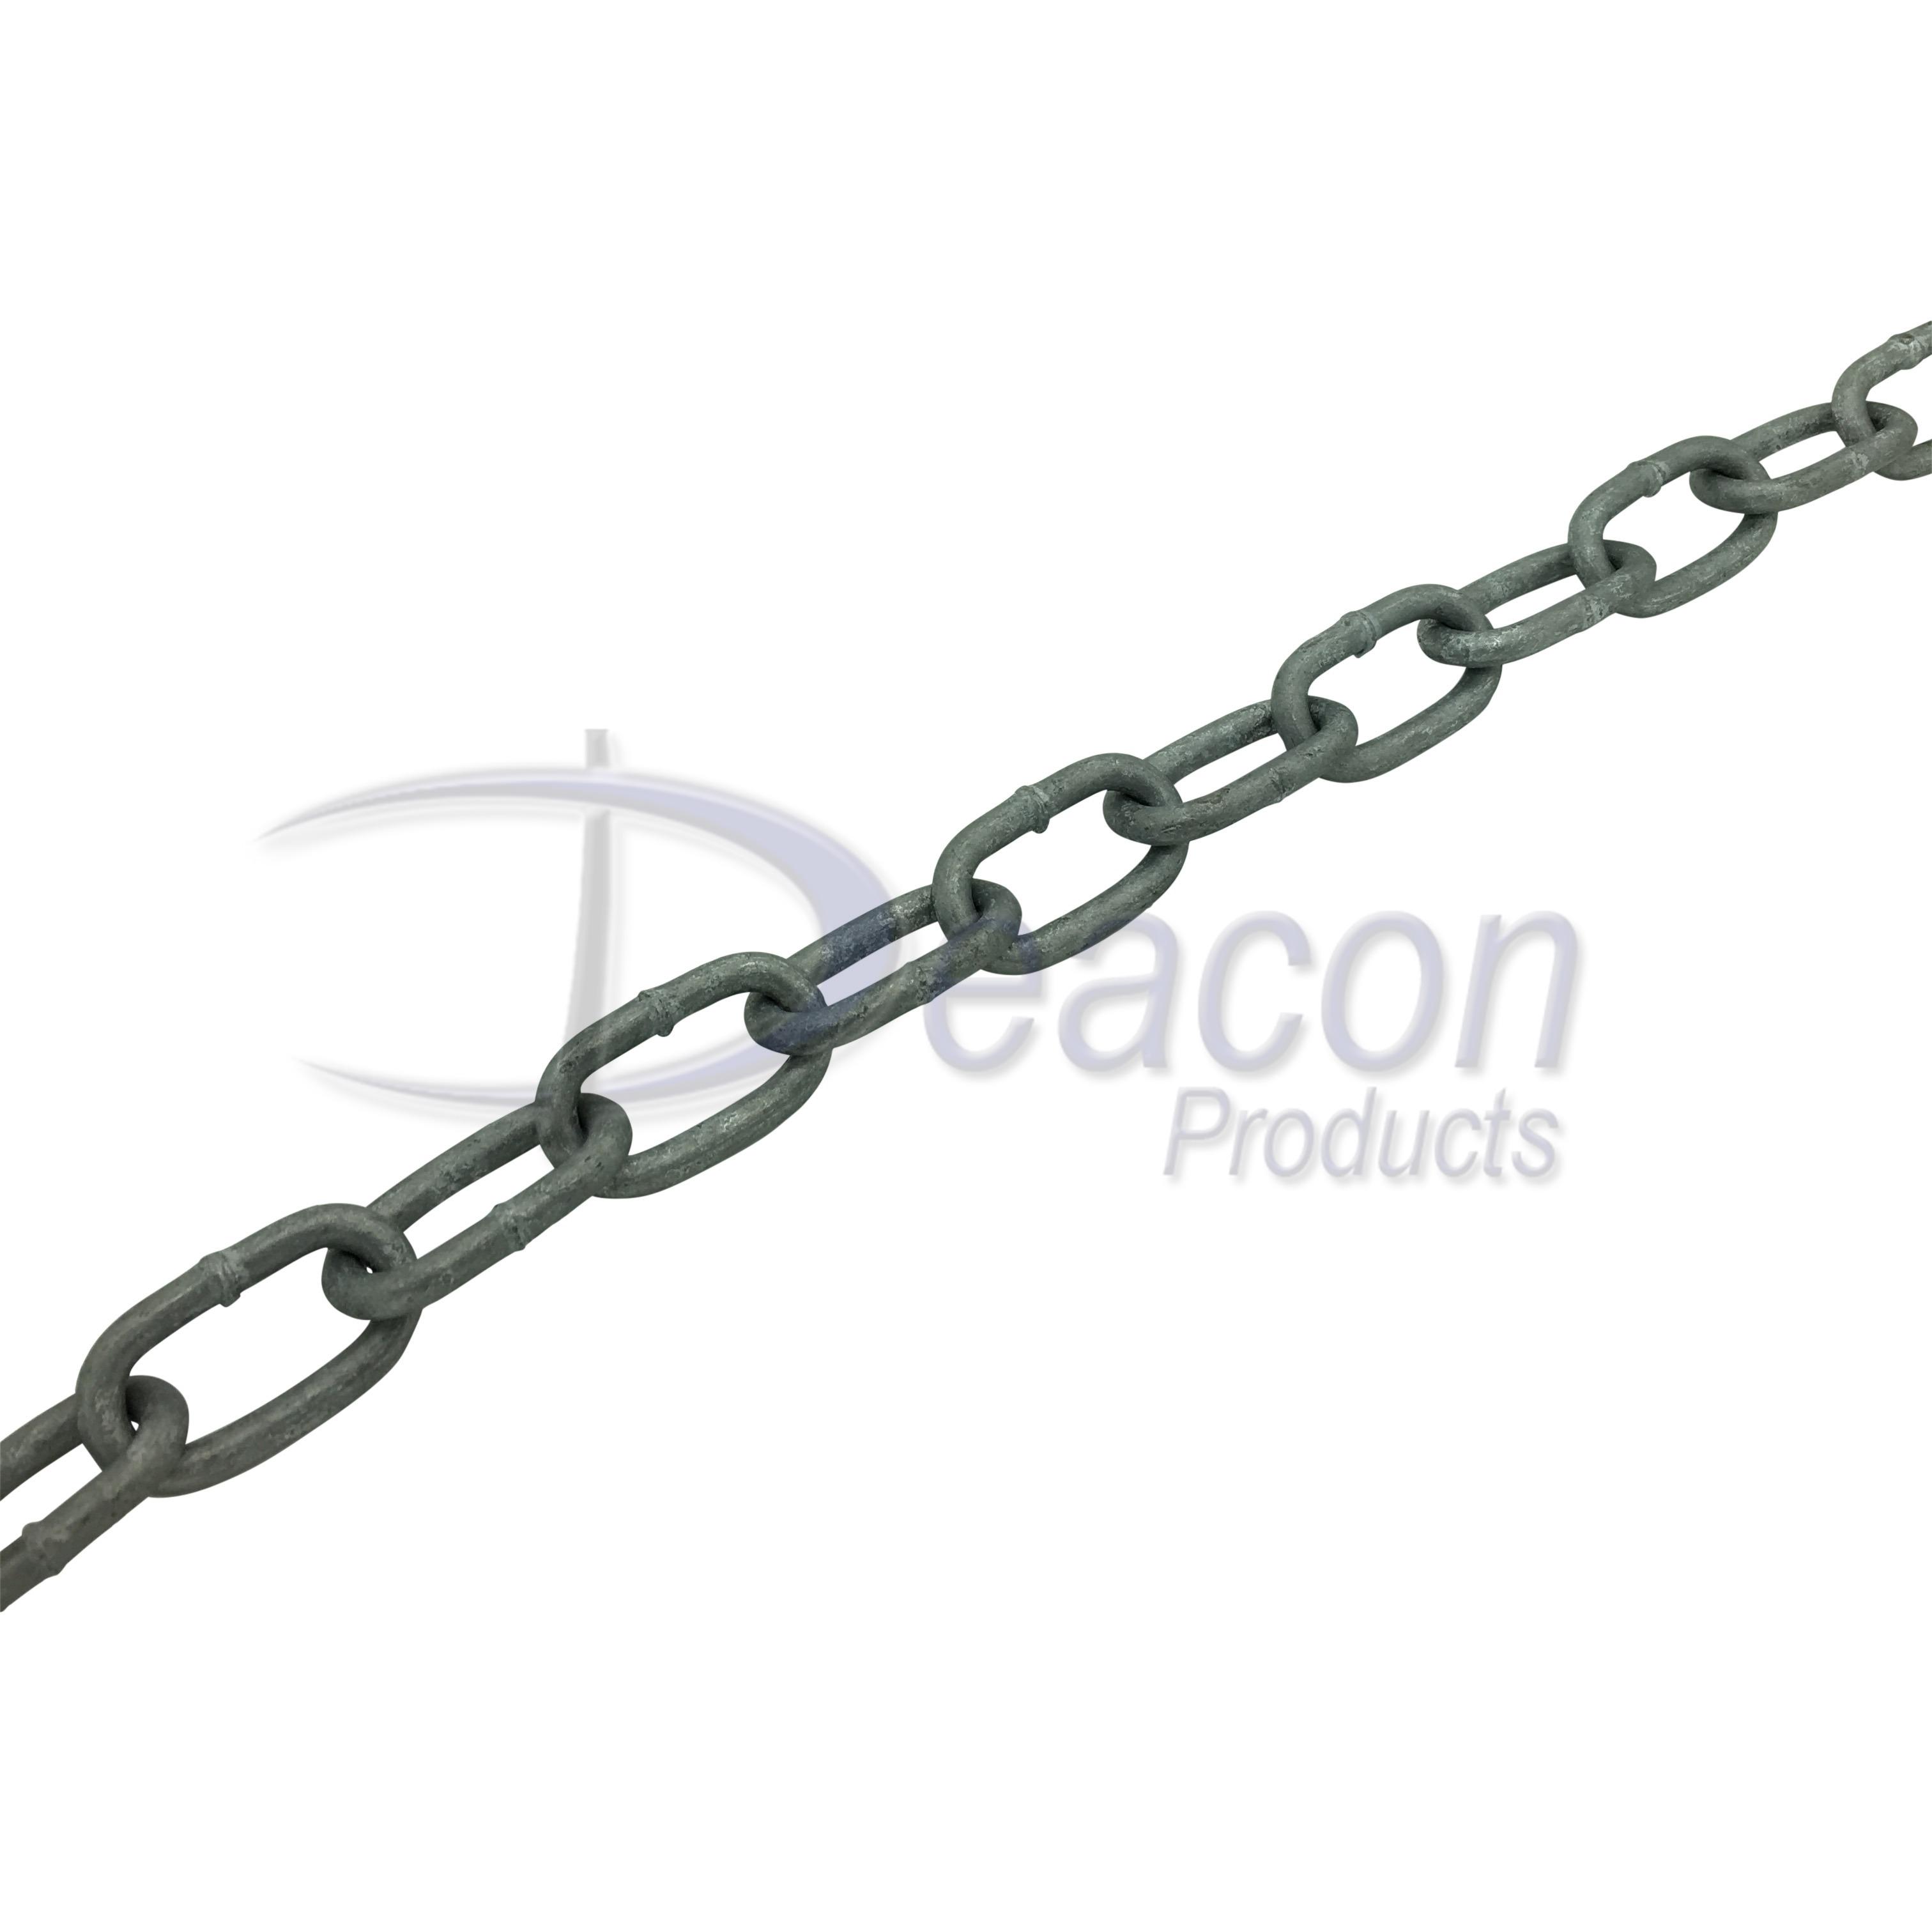 galvanized-straight-link-chain